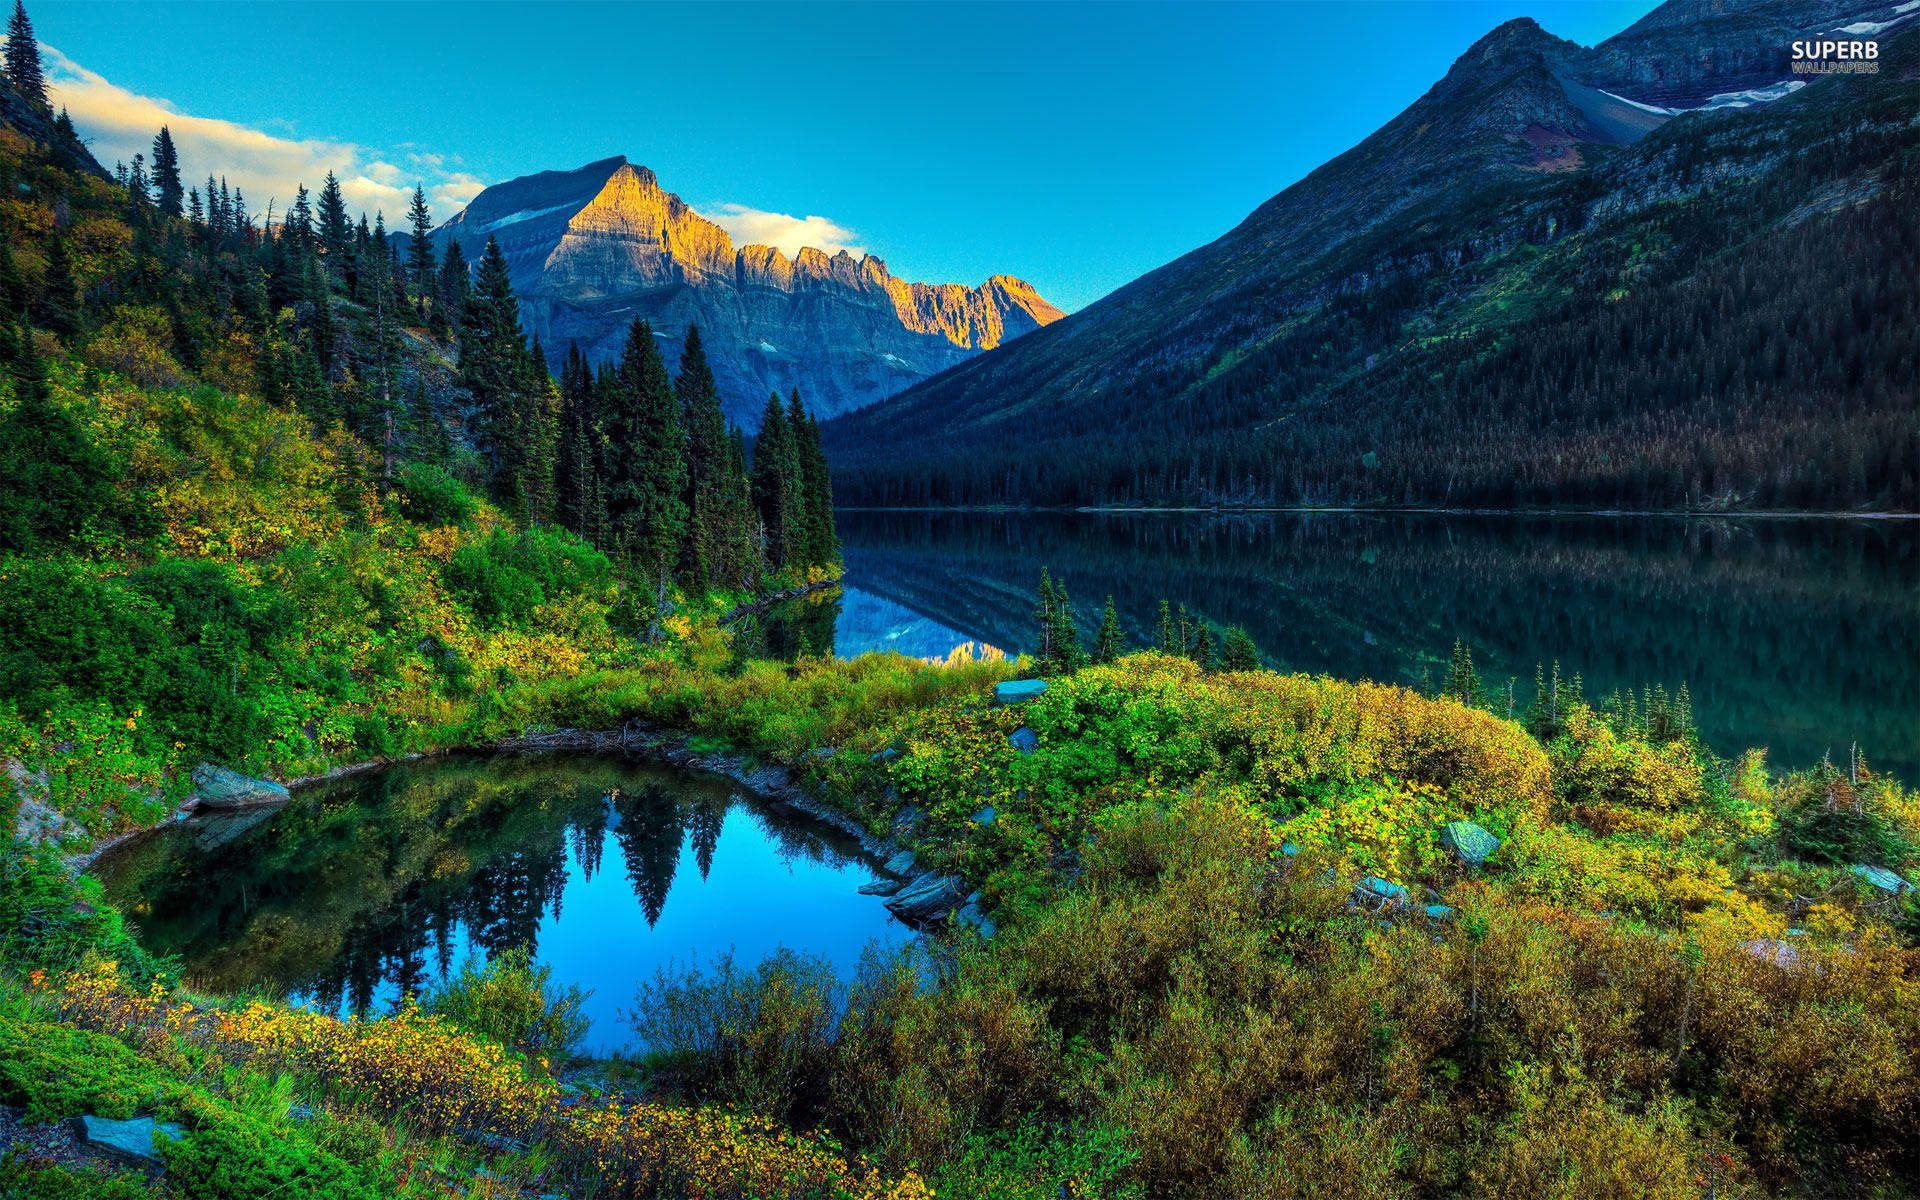 Mountain Lake Wallpaper Scenery Wallpaper Landscape Wallpaper Scenery